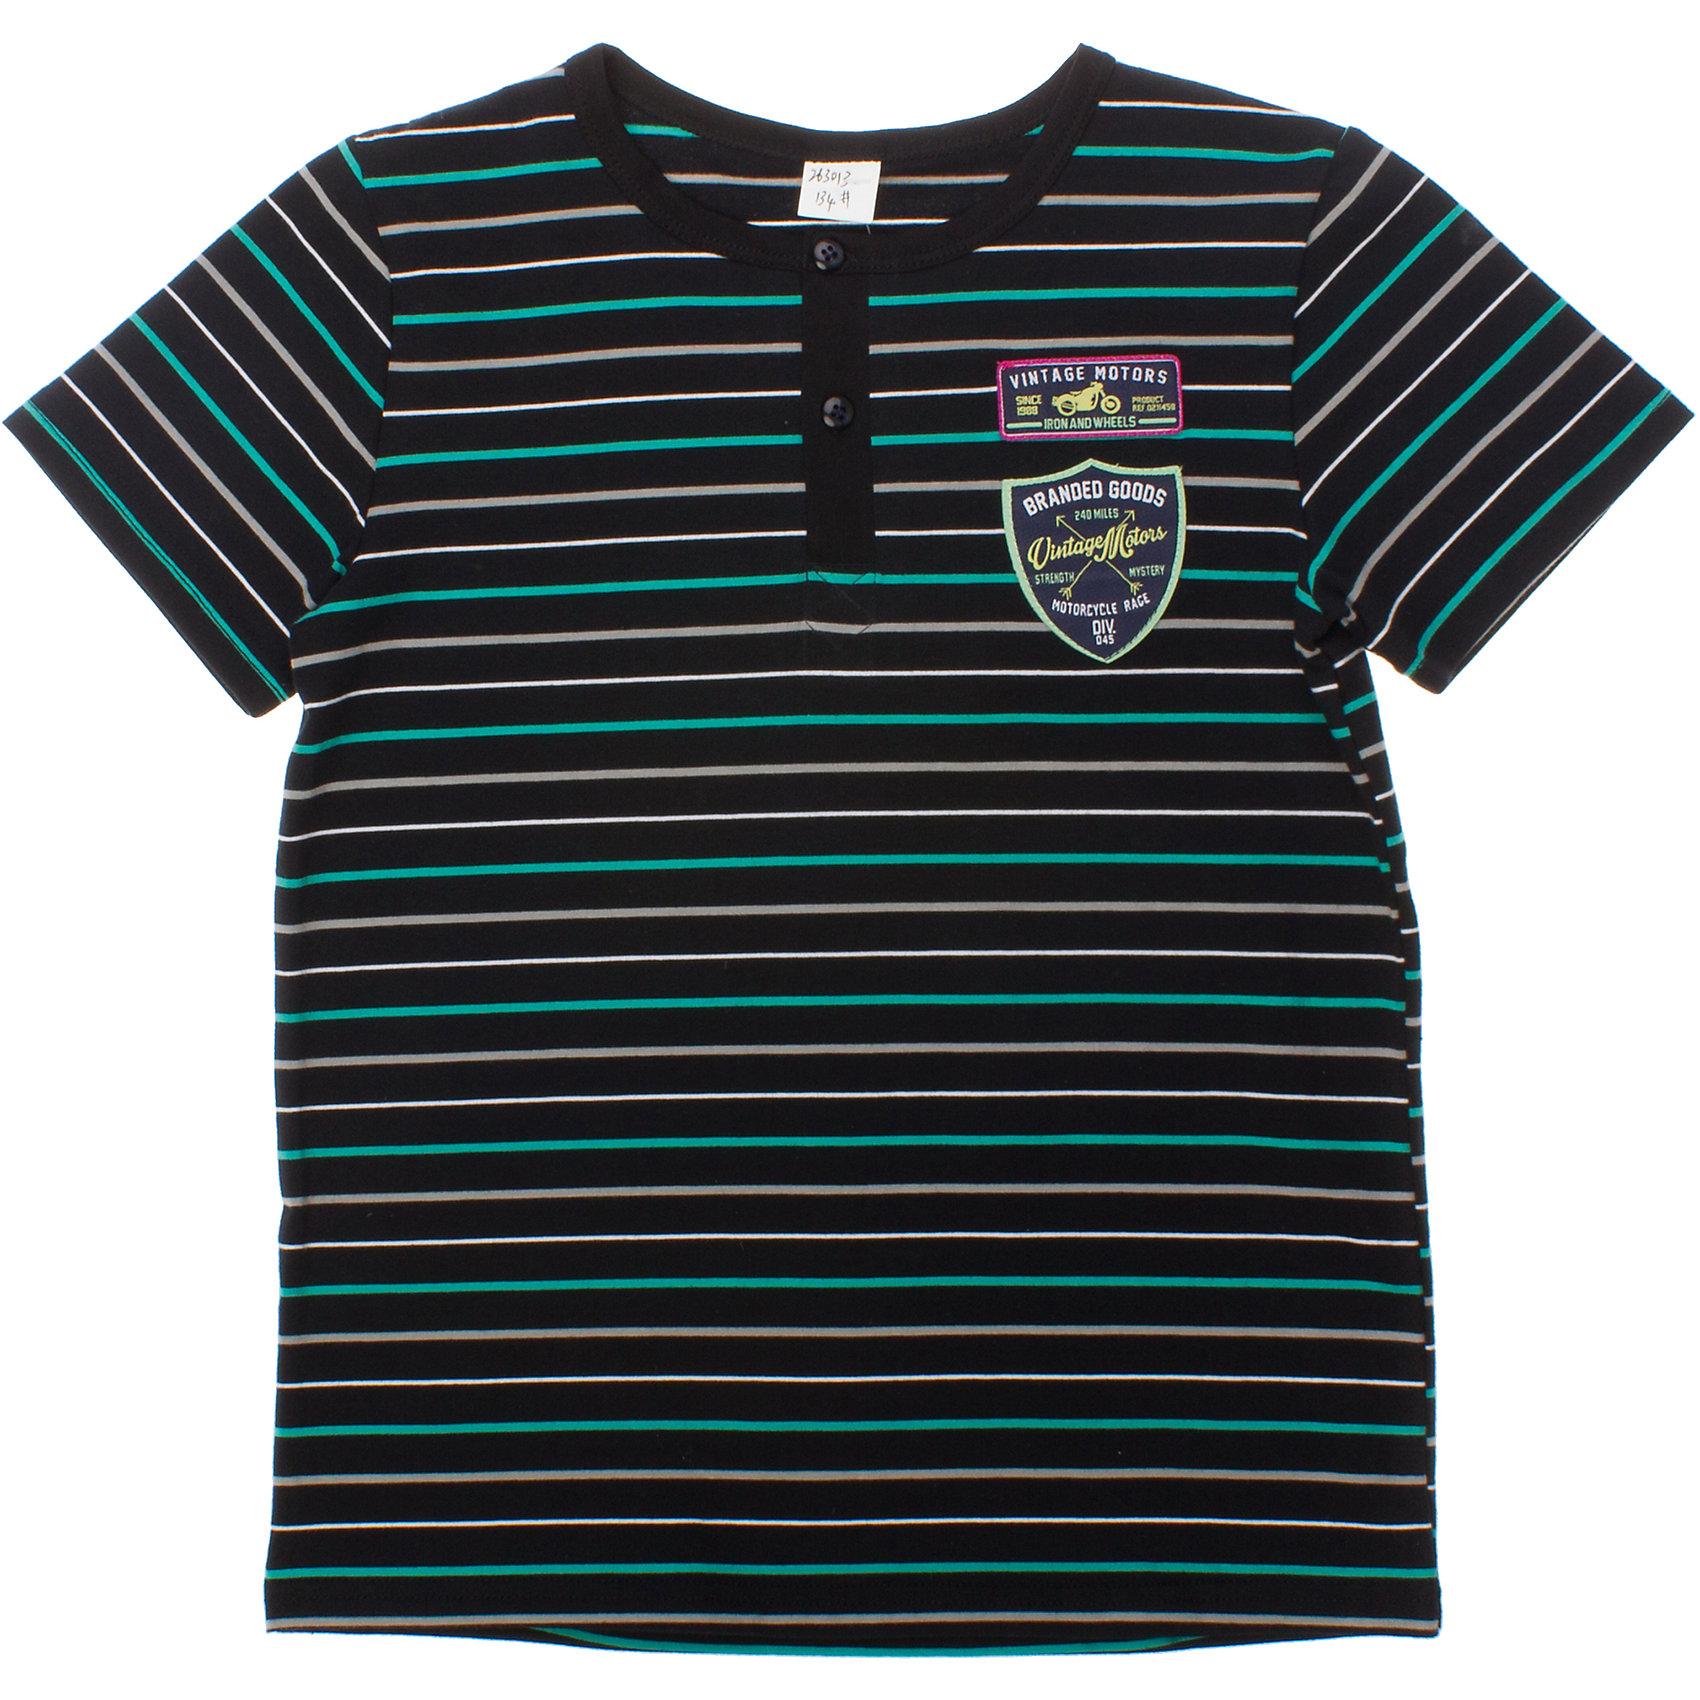 Футболка для мальчика ScoolСтильная темно-синяя футболка с яркими полосками. Застежка-поло, воротник на мягкой резинке. Украшена аппликациями с мотоциклами. Состав: 95% хлопок, 5% эластан<br><br>Ширина мм: 199<br>Глубина мм: 10<br>Высота мм: 161<br>Вес г: 151<br>Цвет: синий<br>Возраст от месяцев: 120<br>Возраст до месяцев: 132<br>Пол: Мужской<br>Возраст: Детский<br>Размер: 134,140,146,152,158,164<br>SKU: 4652799